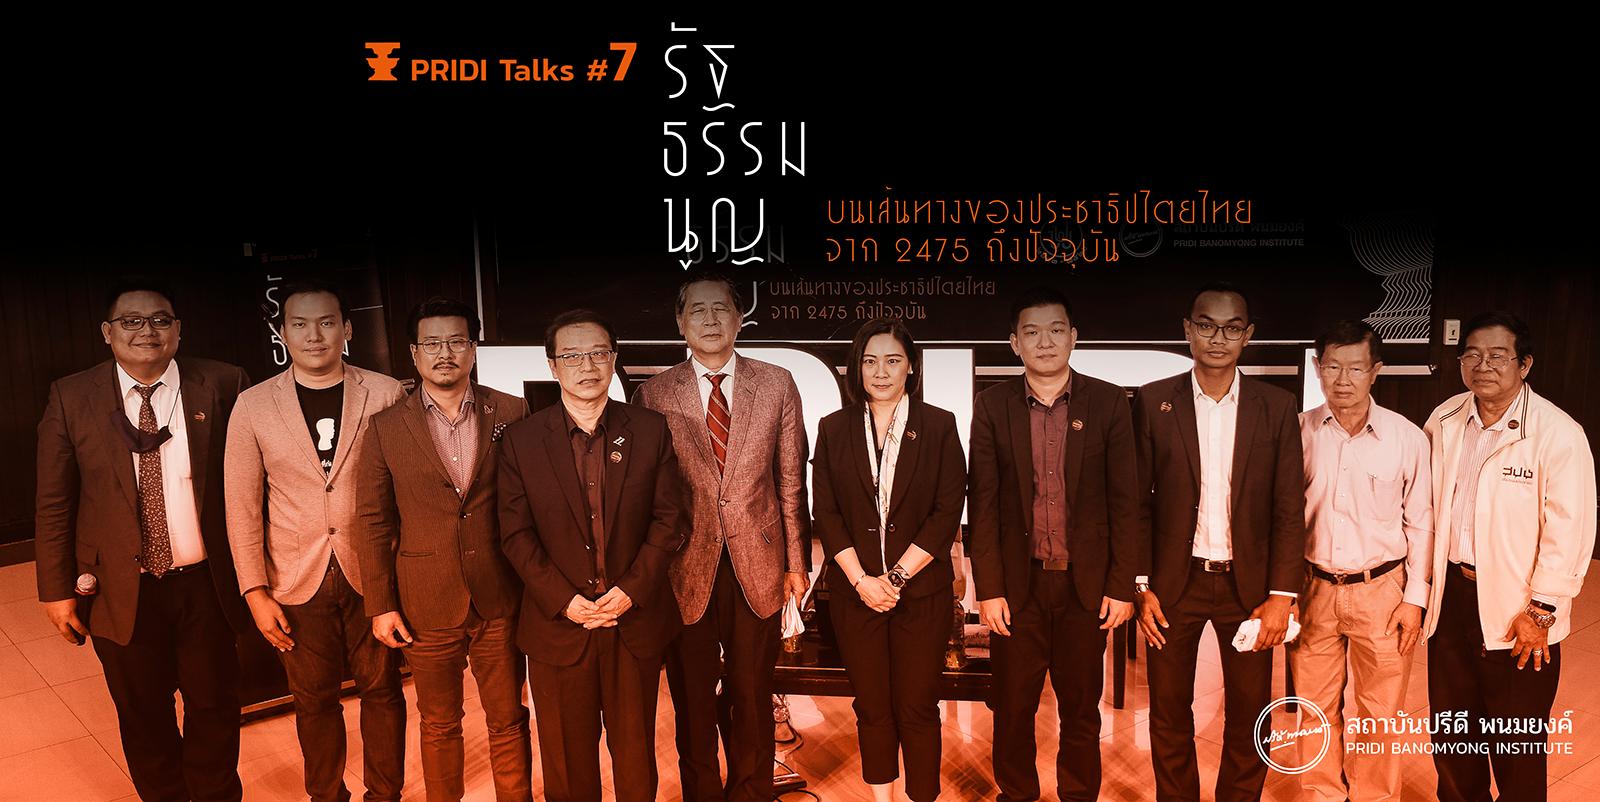 ประมวลภาพกิจกรรม PRIDI Talks #7 รัฐธรรมนูญ: บนเส้นทางของประชาธิปไตยไทย จาก 2475 ถึงปัจจุบัน